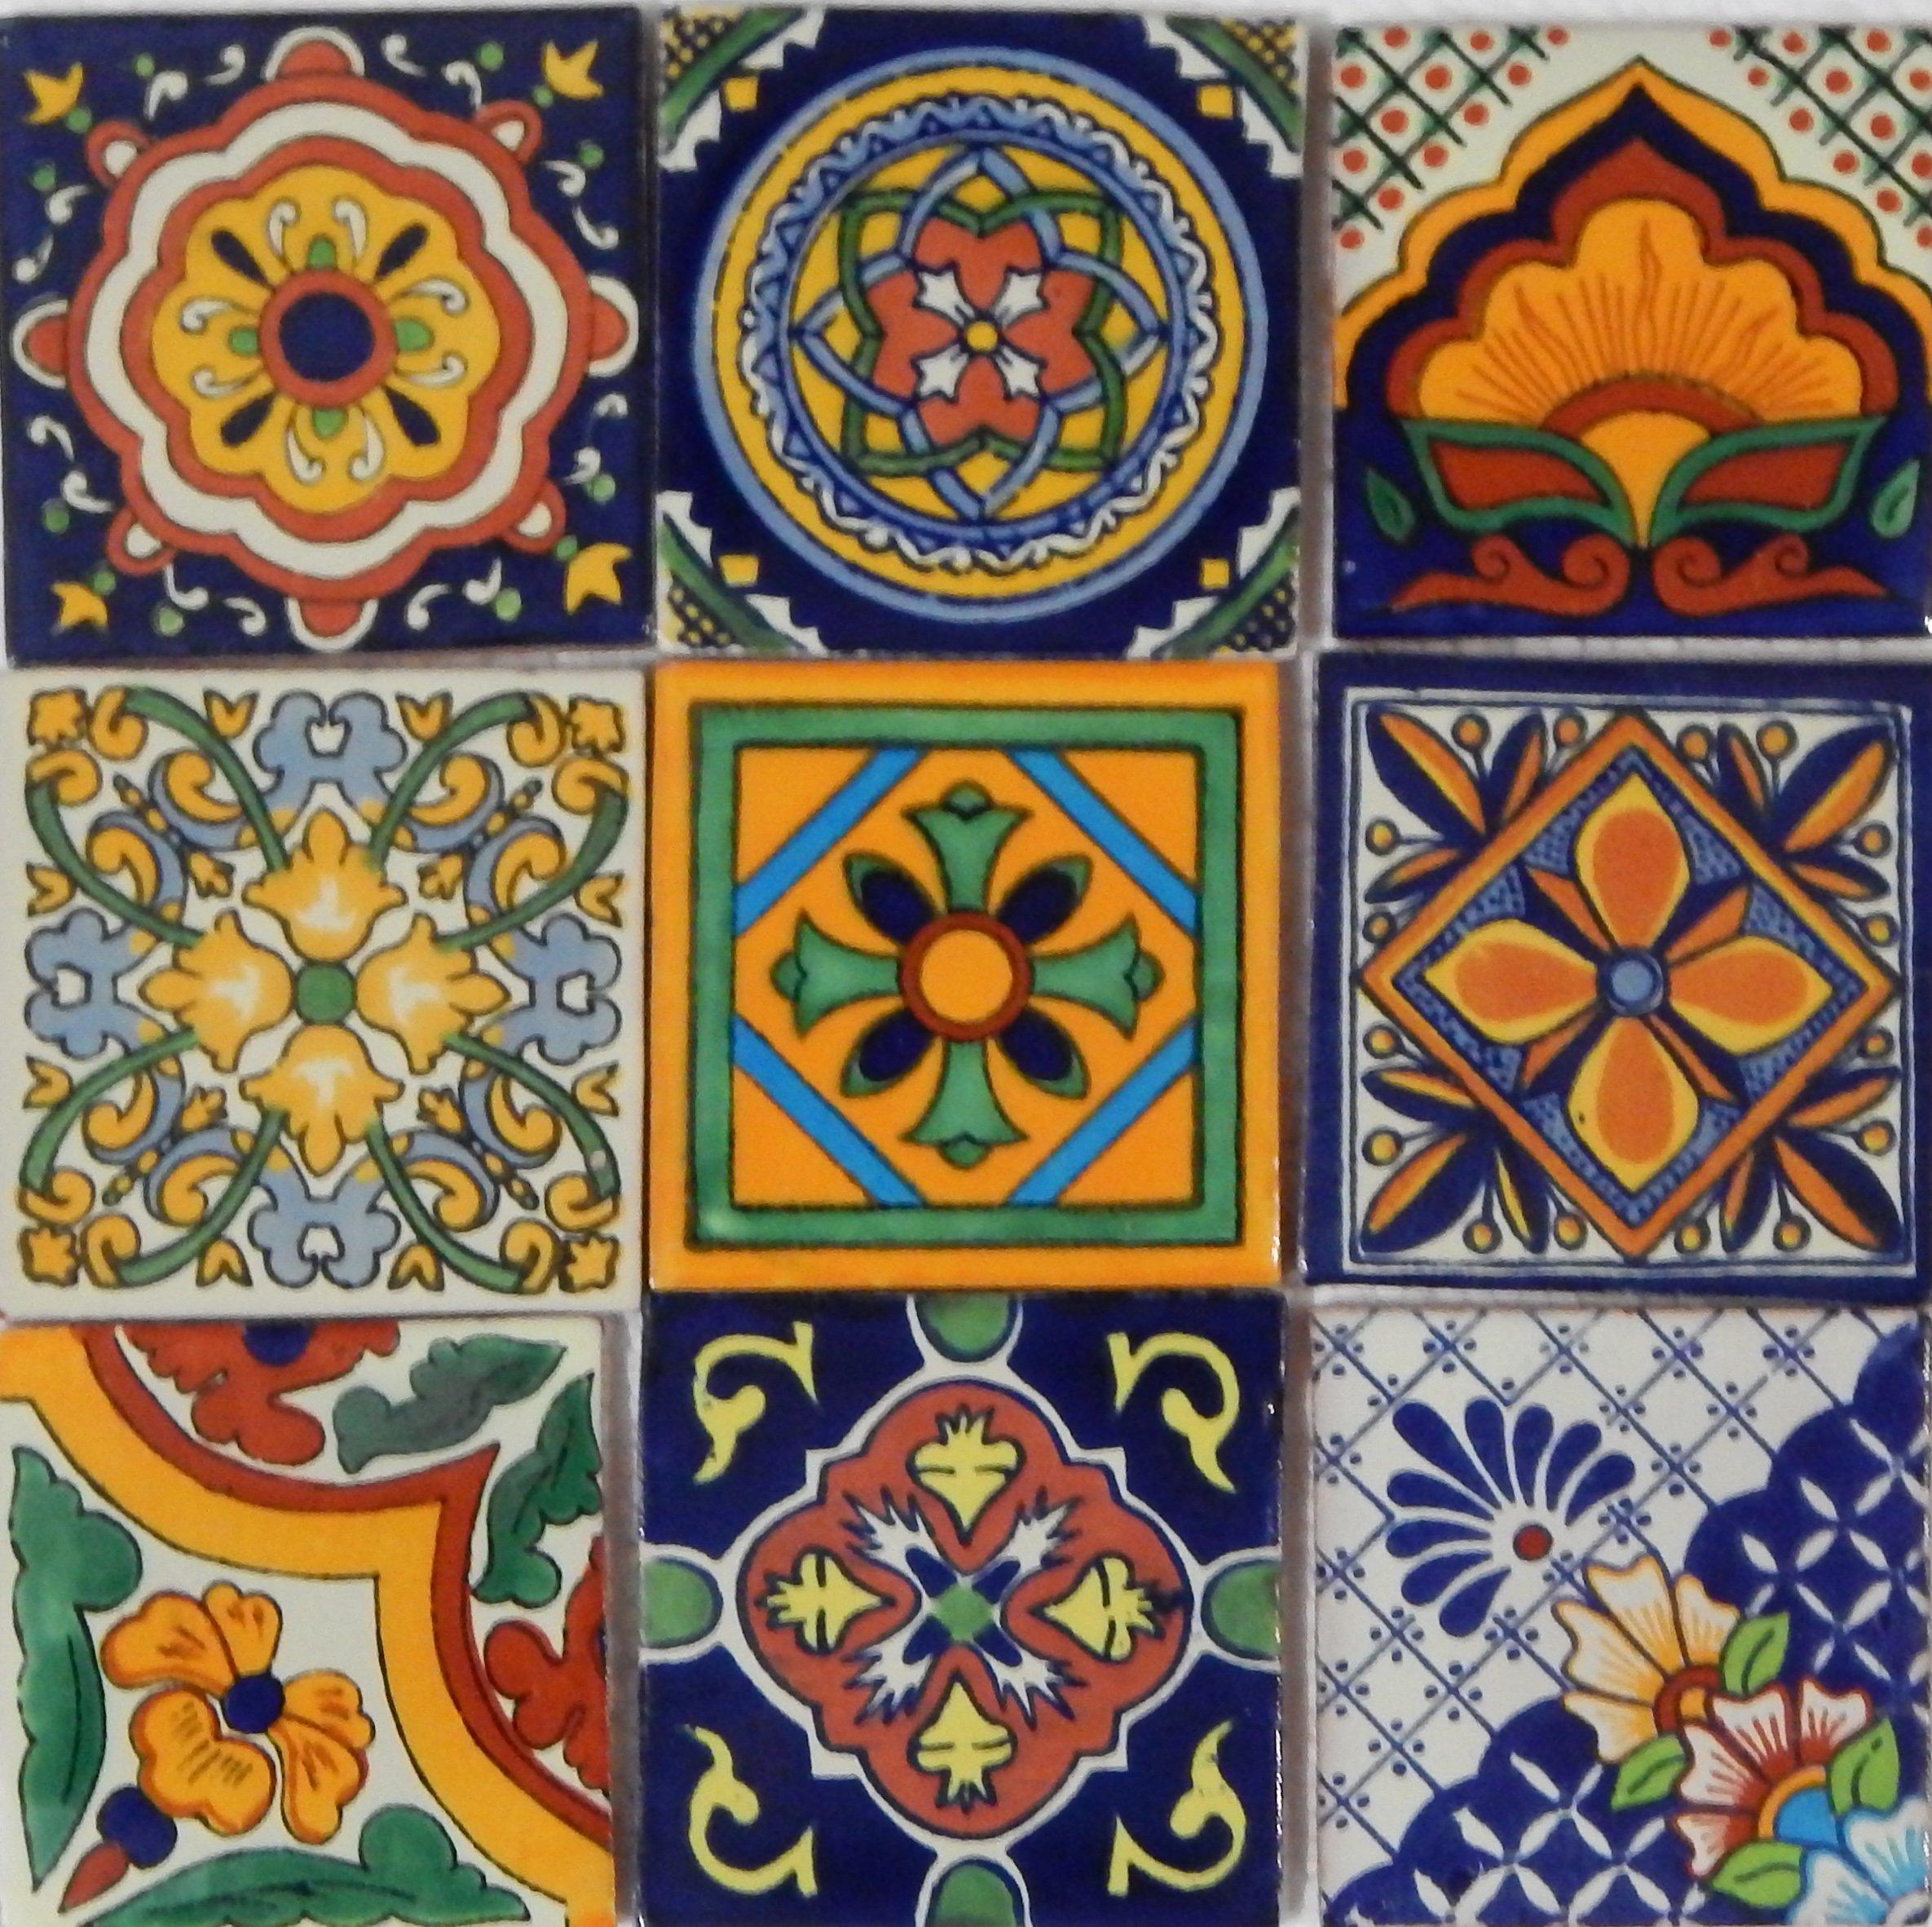 Color y Tradicion 9 Mexican Tiles 4 x 4 Hand Painted Talavera C014